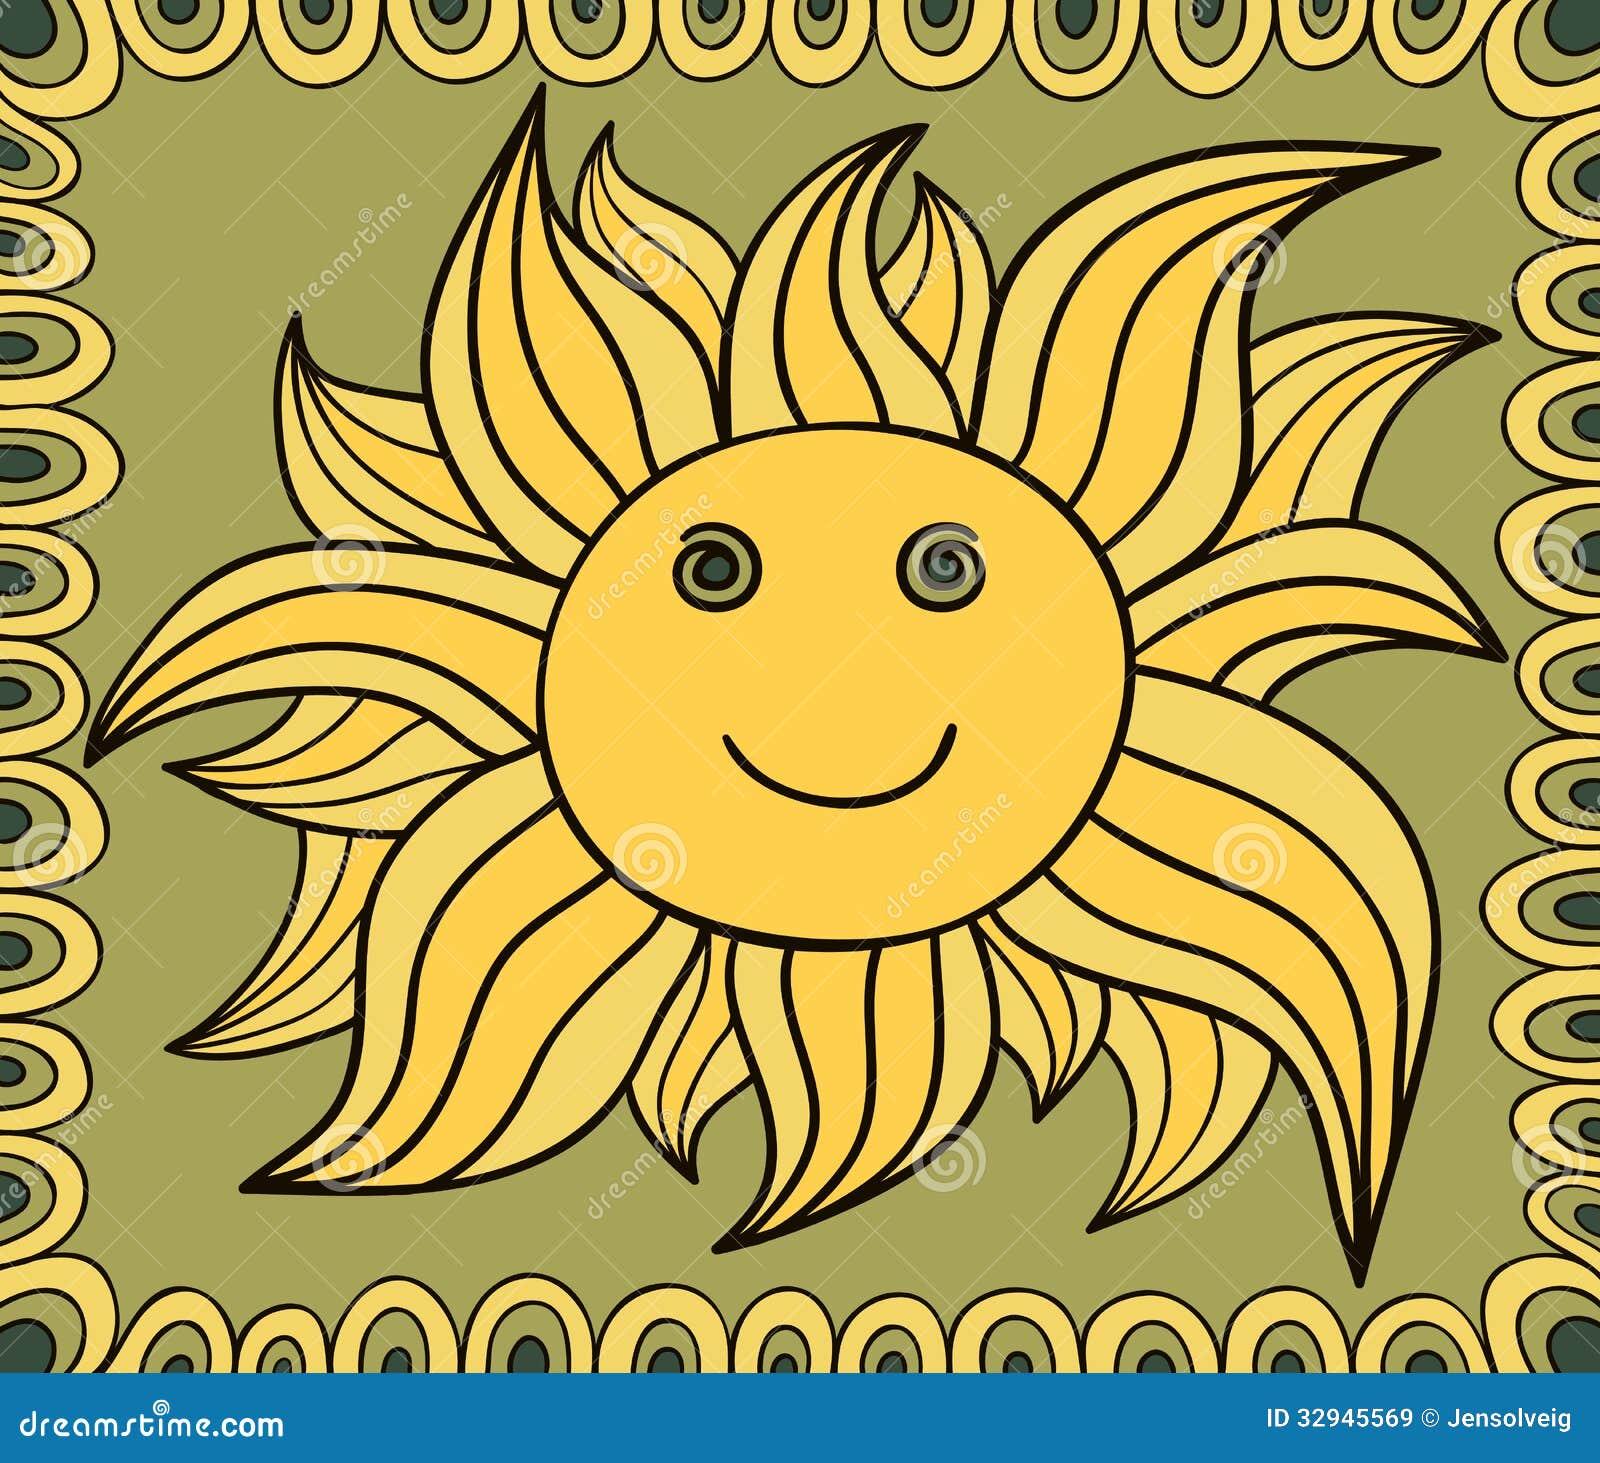 Dibujo estilizado del sol fondo del vector im genes de for Fondo del sol